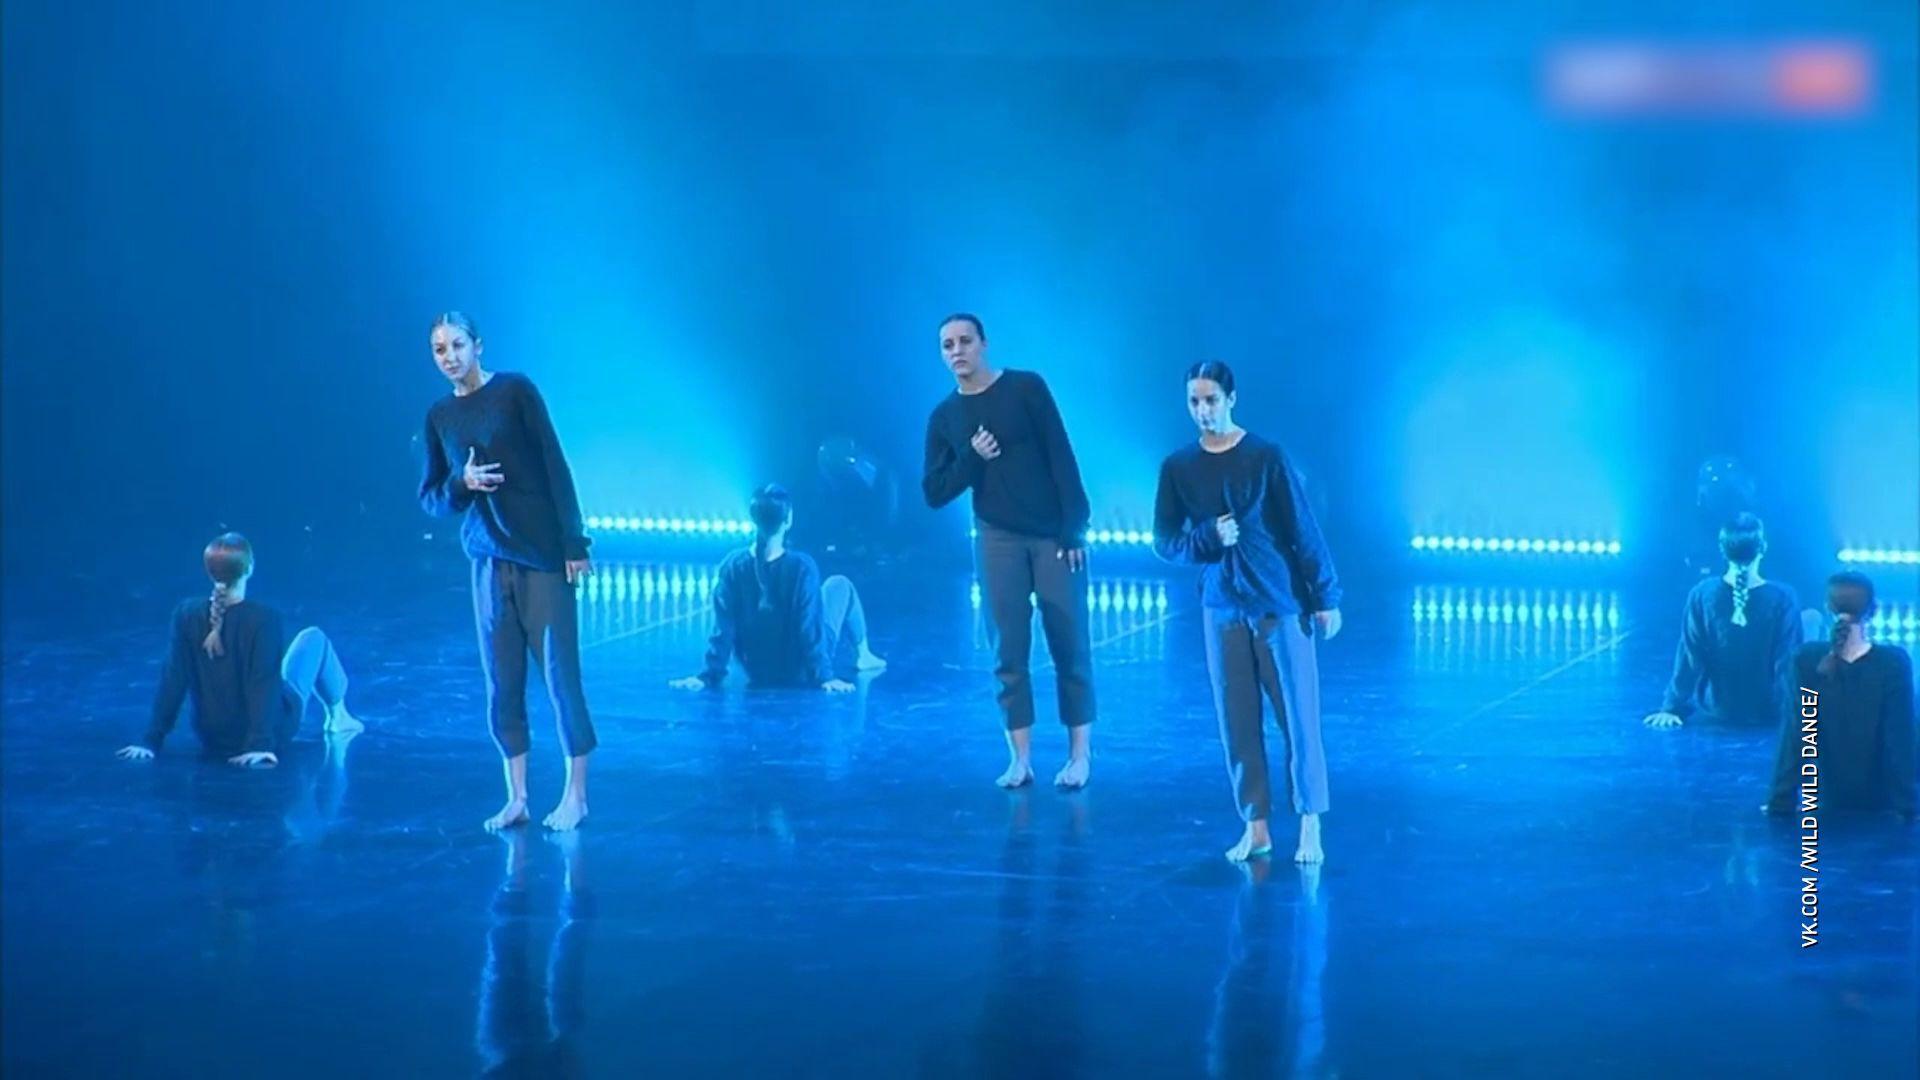 В Ярославле завершился танцевальный фестиваль «Wild wild dance»